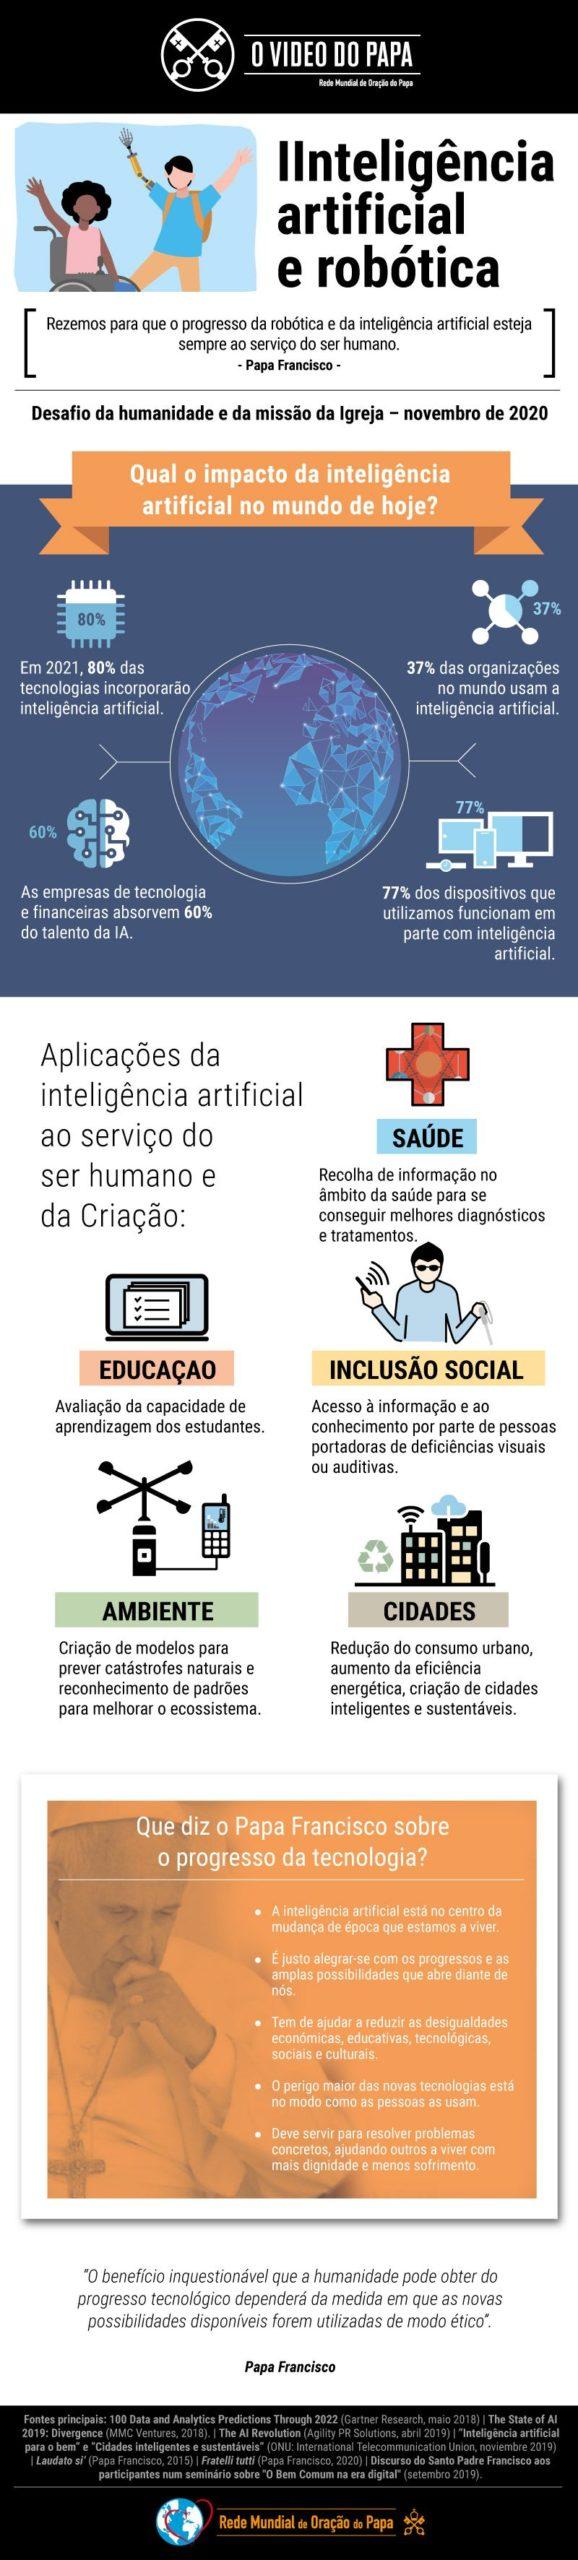 Infografia - TPV 11 2020 PT - O Video do Papa - A inteligência artificial